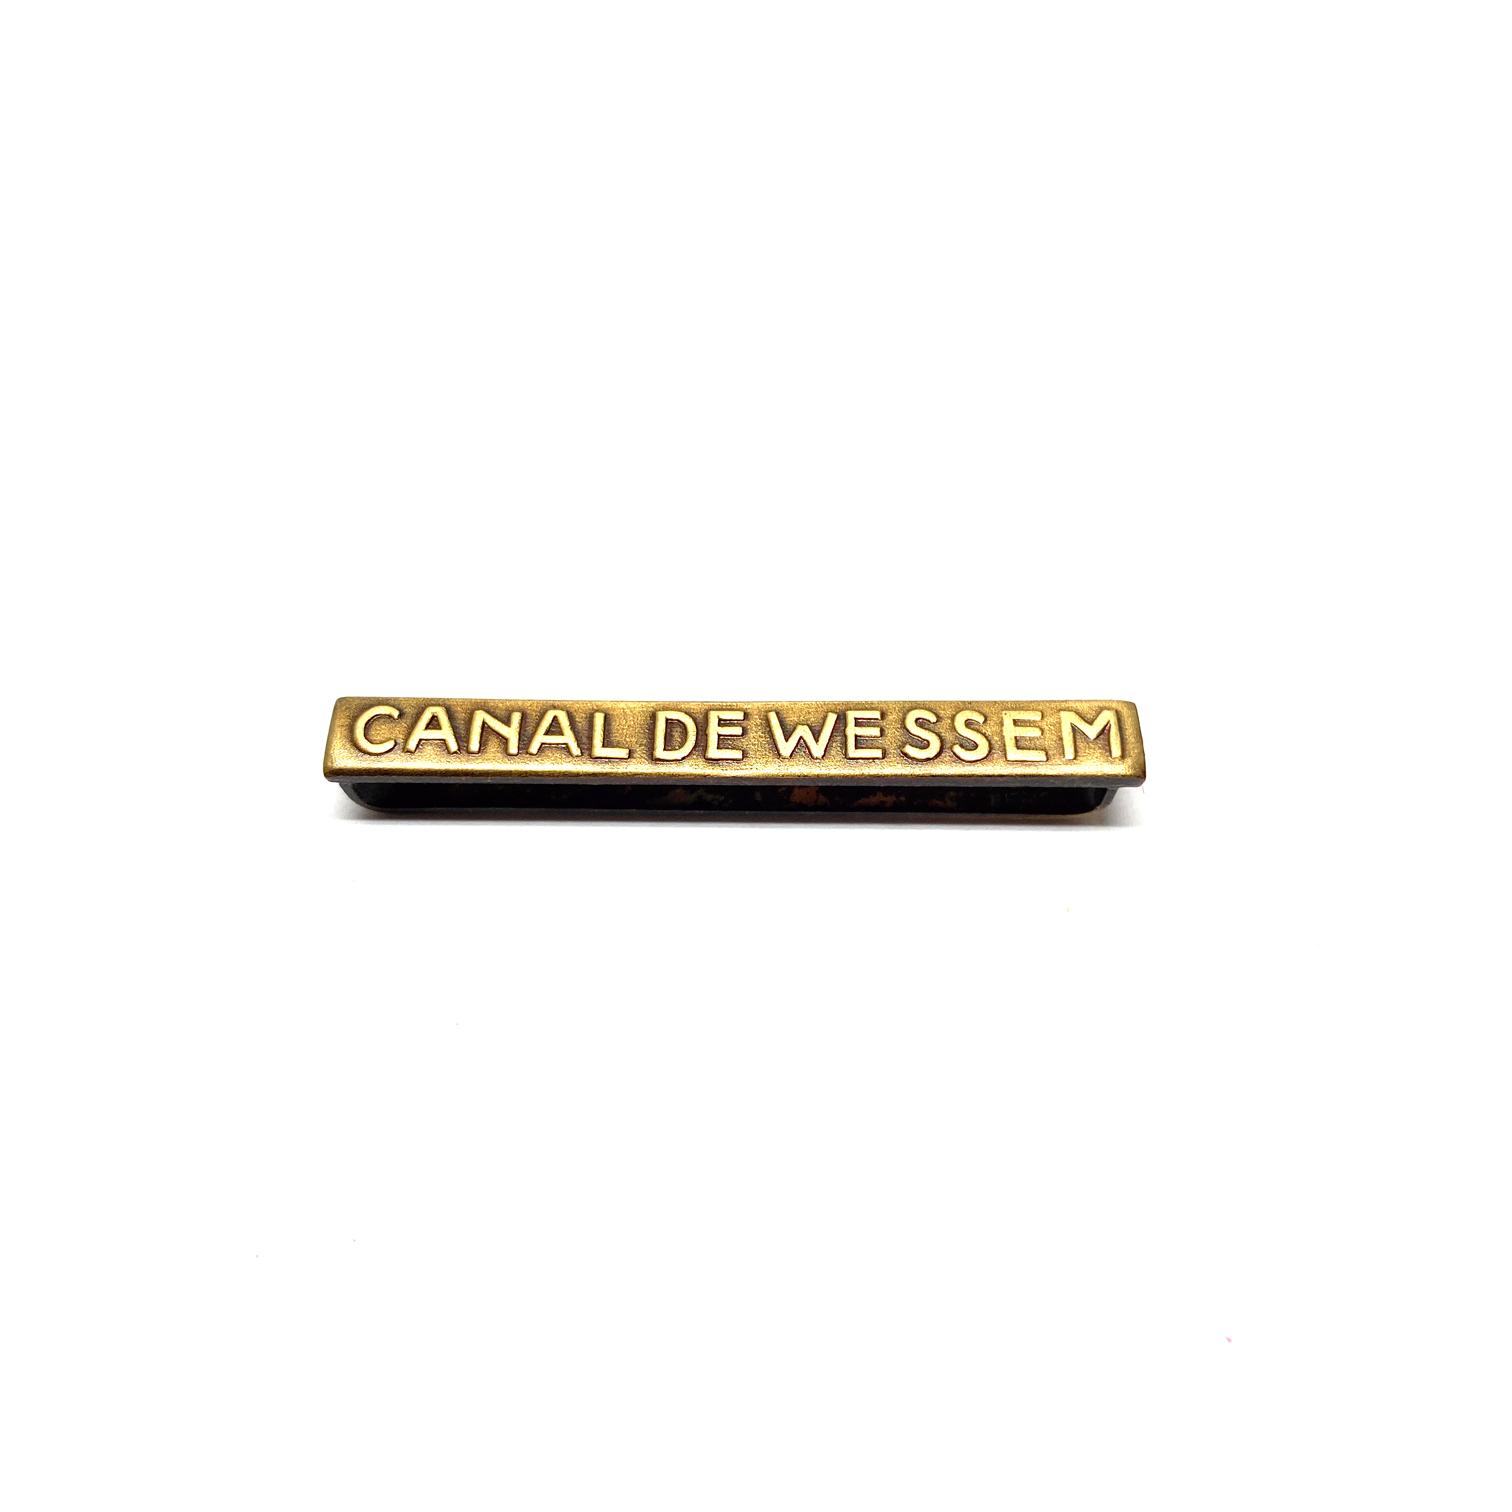 Bar Canal de Wessem for war medals